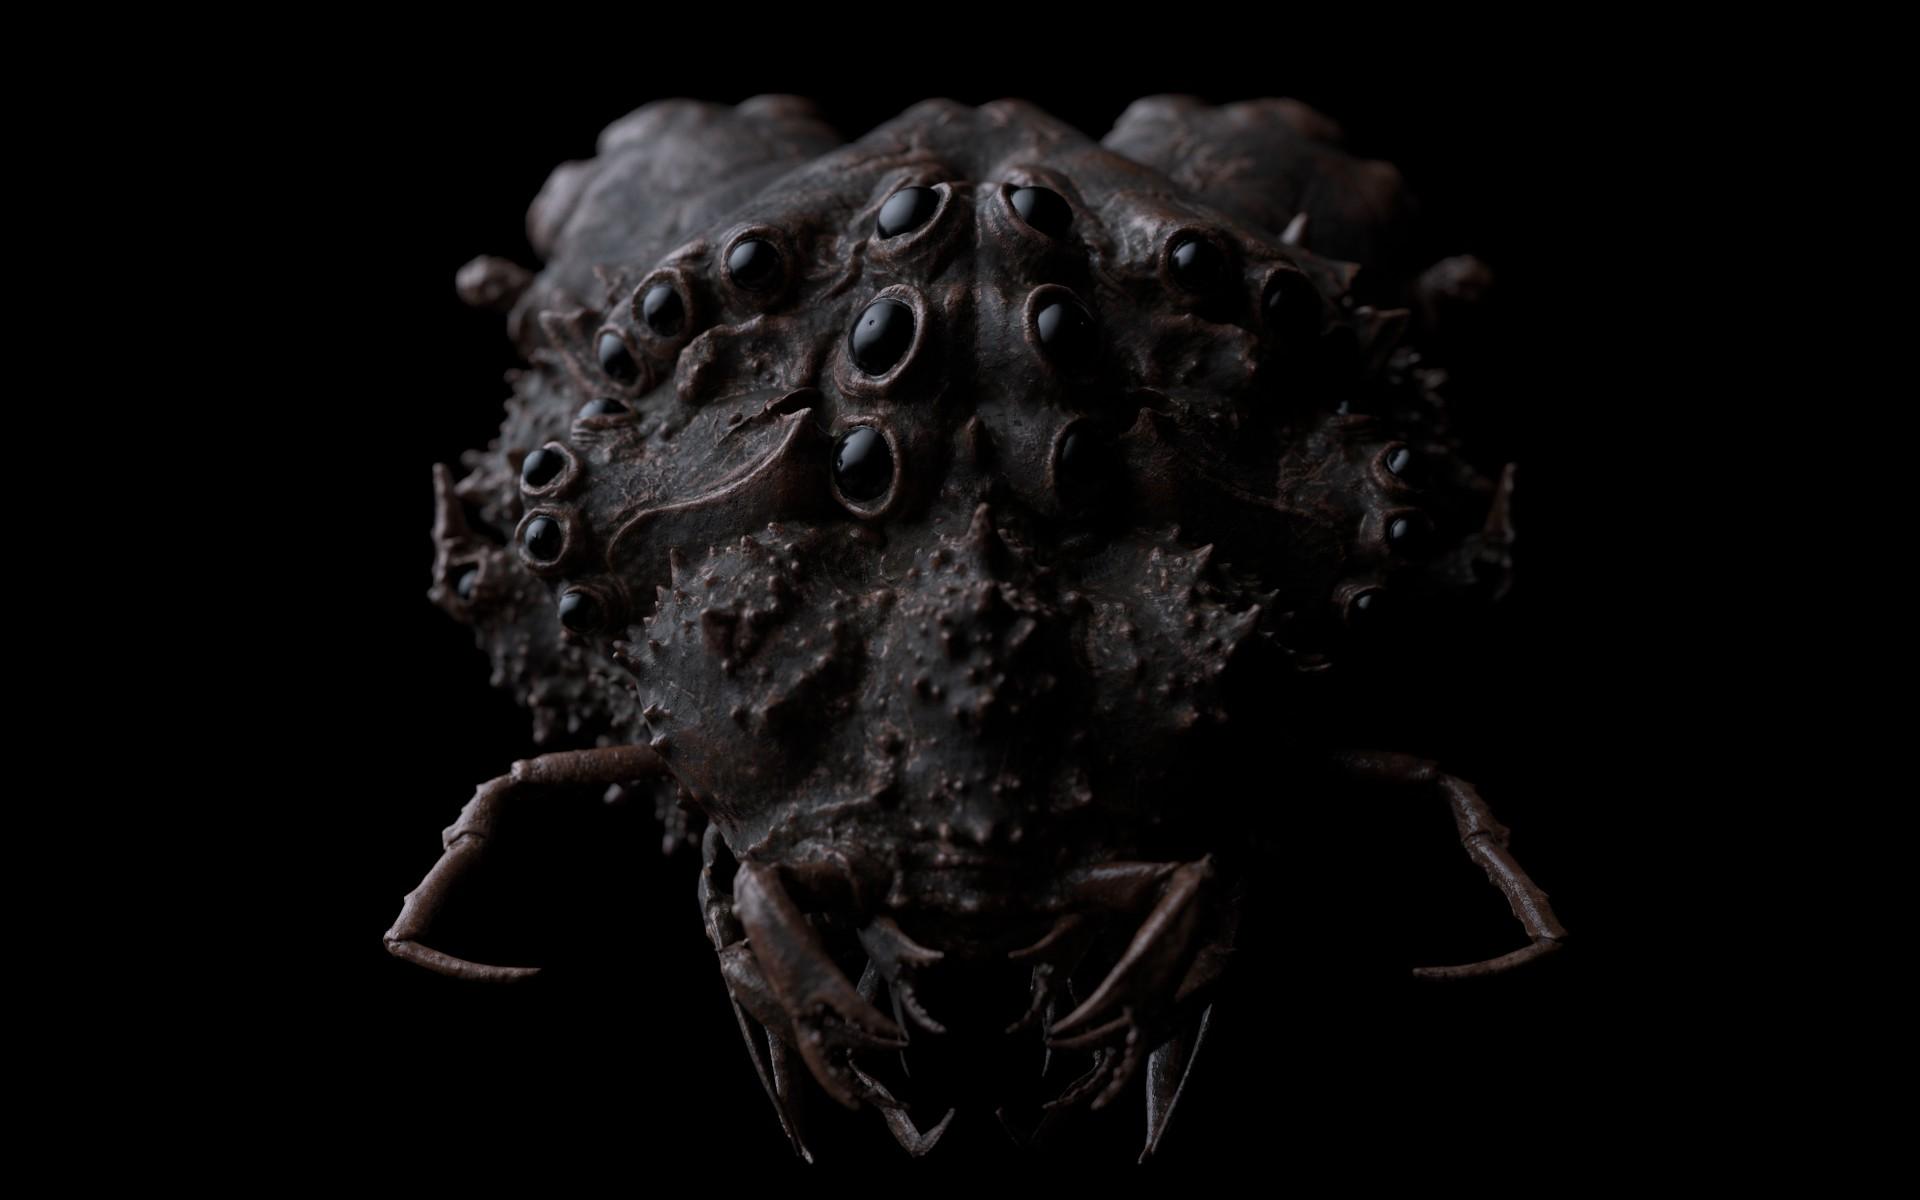 Creature_Face_01.jpg